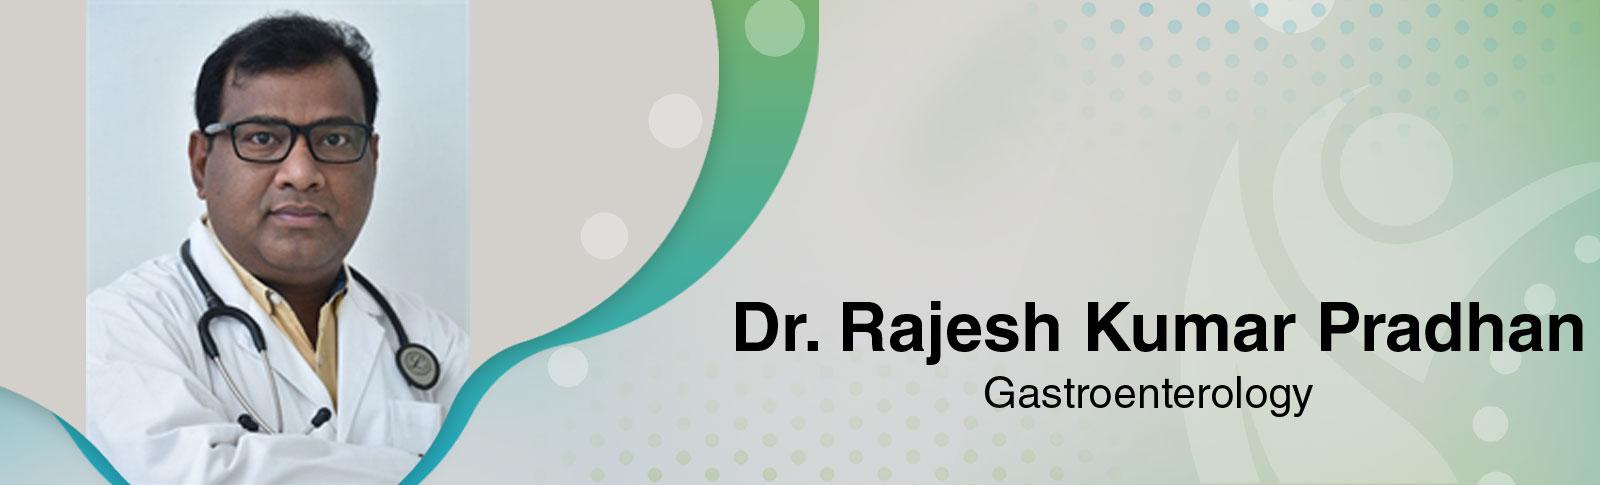 Dr. Rajesh Kumar Pradhan